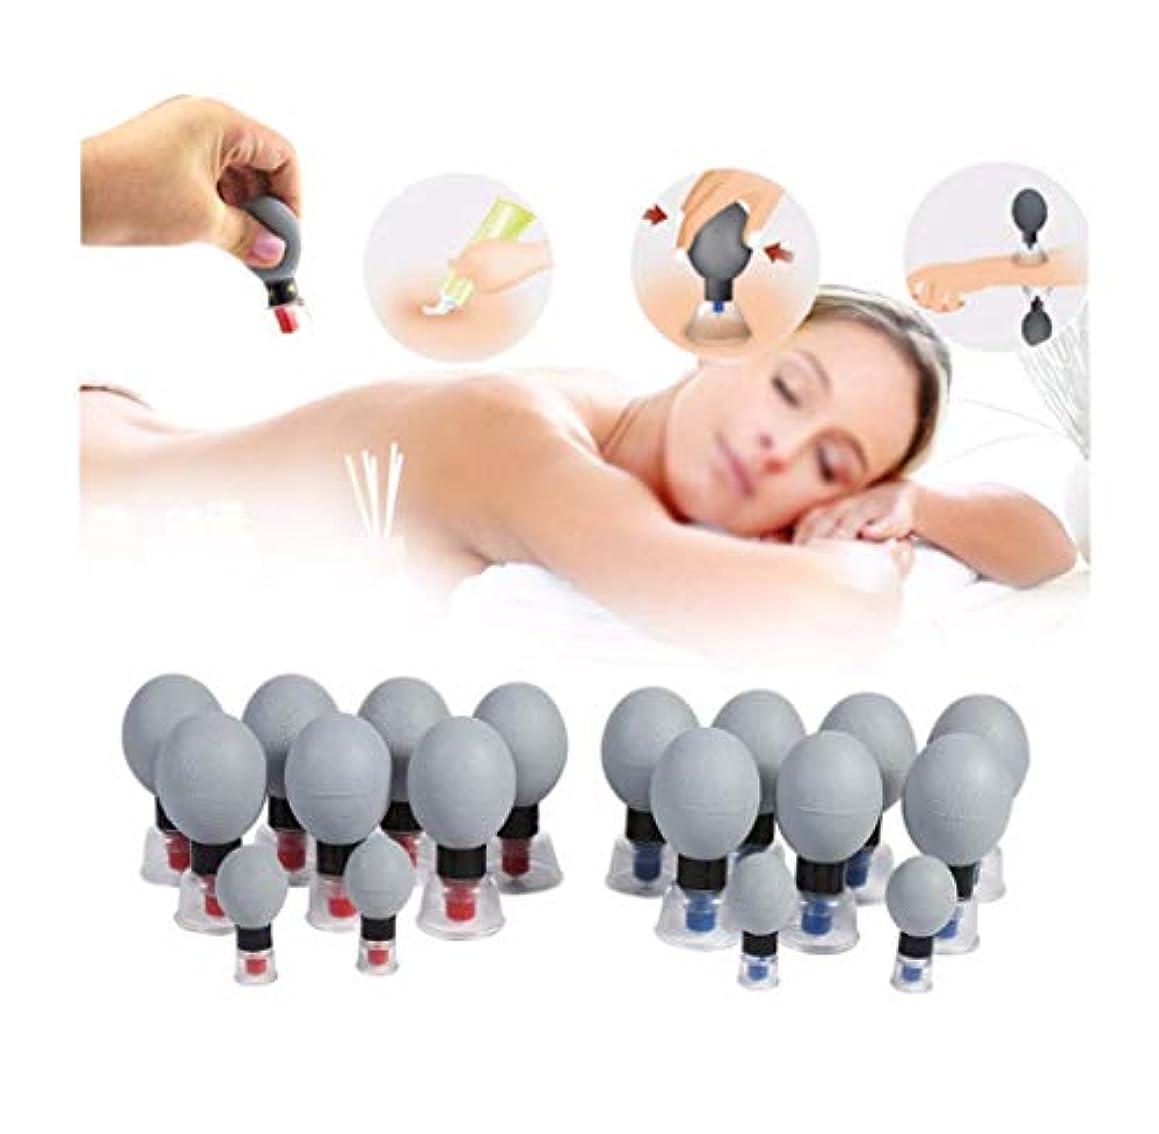 体細胞報酬二十真空カッピングセット、TCM磁気療法指圧吸引カップ、マッサージ筋肉関節痛を軽減する鍼灸マッサージジャー,18pieces